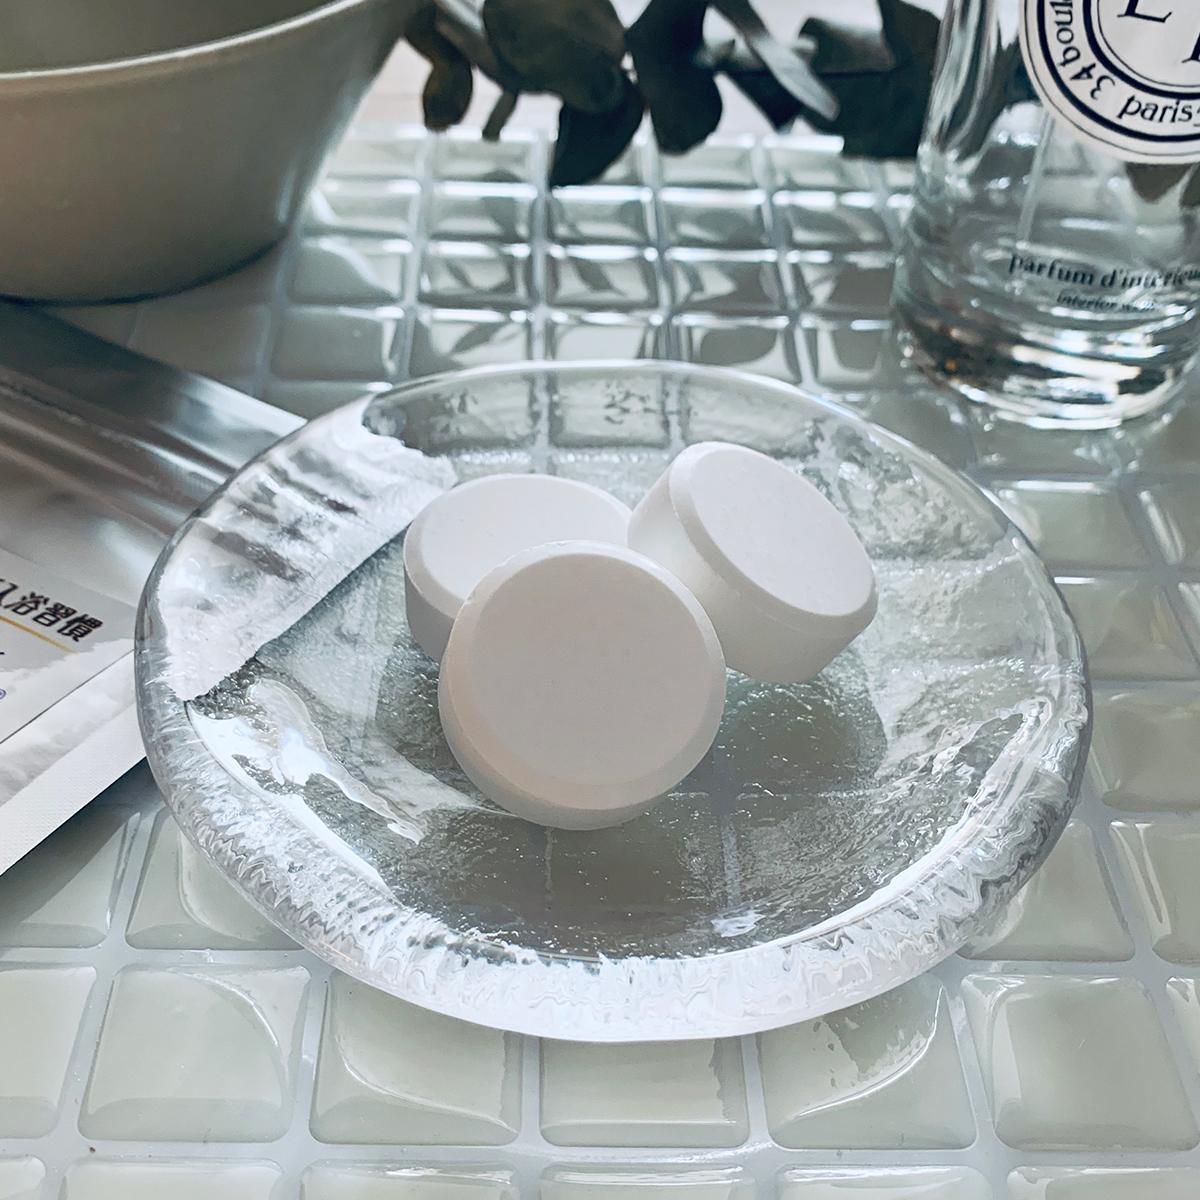 1日の終わりの楽しみ「究極の炭酸湯」。日本初!独自の高硬度マイクロカプセル技術が生んだ重炭酸湯のタブレット入浴剤|薬用Hot Tab(ホットタブ)